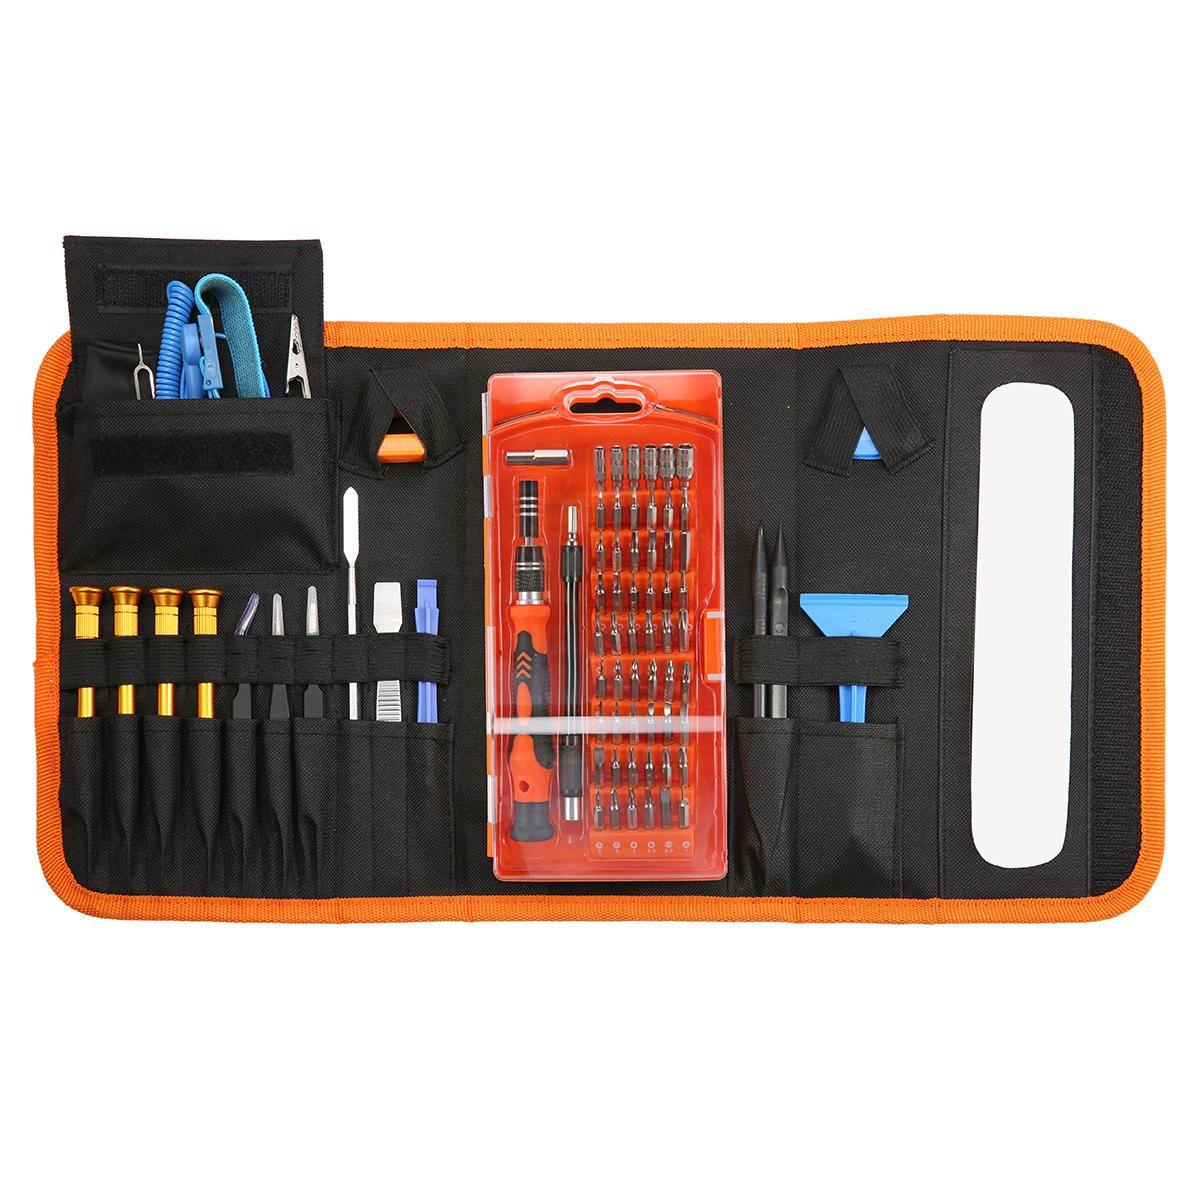 84 In 1 Precision Screwdriver Set Magnetic Repair Tool Kit with Portable Bag